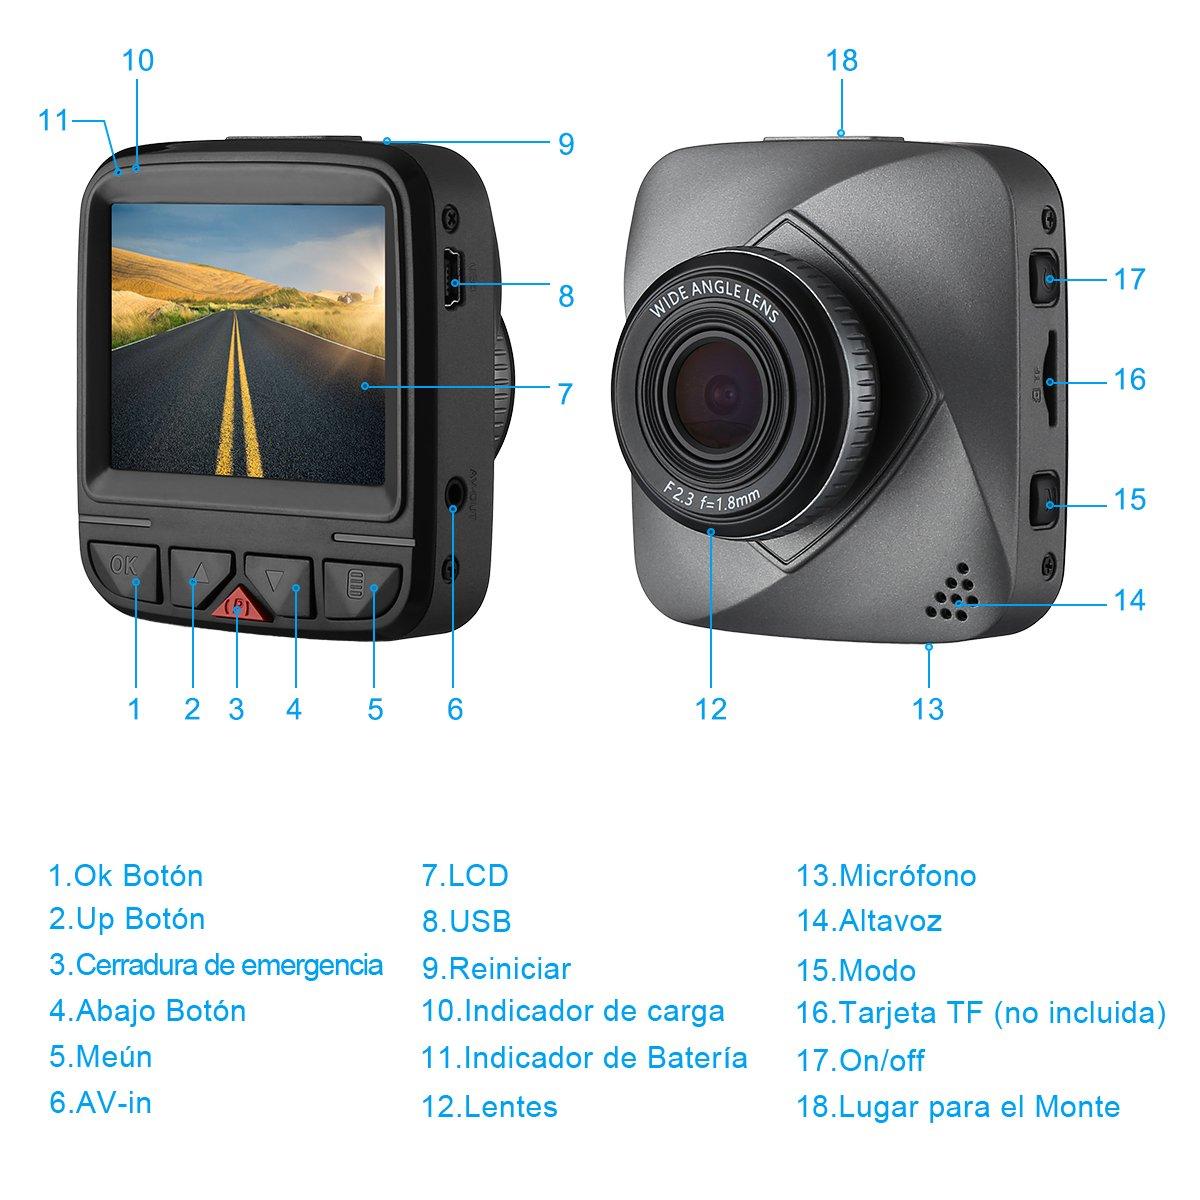 isYoung Dashboard Cámara 720P Car Video Recorder Car Dash Cam Car Dashboard DVR Video Recorder con grabación en bucle, 120 grados